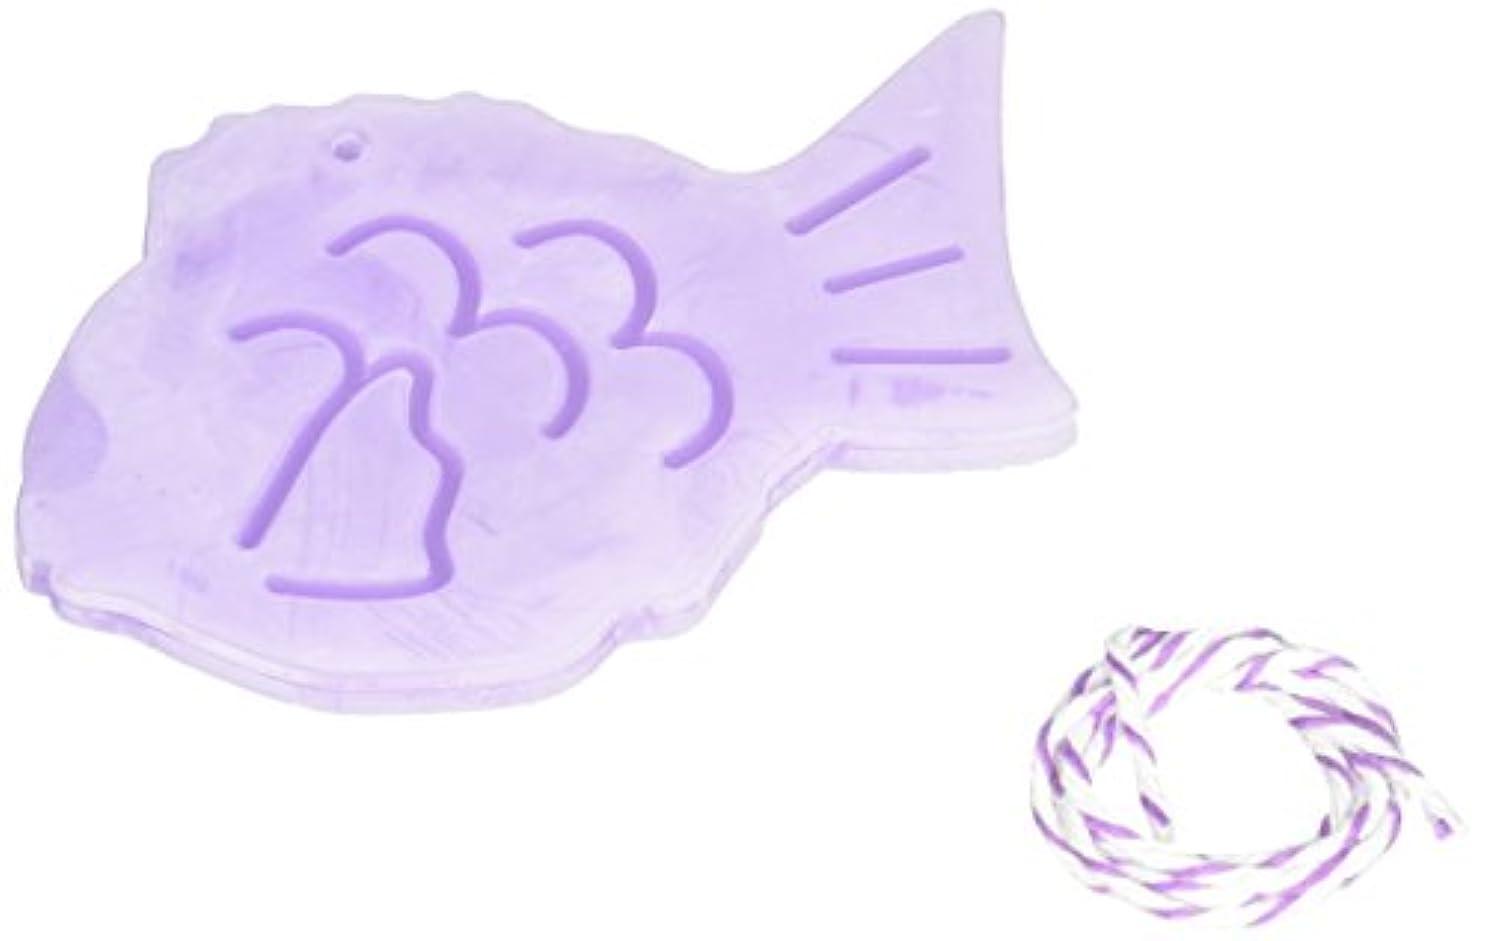 私のリアル汚染されたGRASSE TOKYO AROMATICWAXチャーム「鯛」(PU) ラベンダー アロマティックワックス グラーストウキョウ